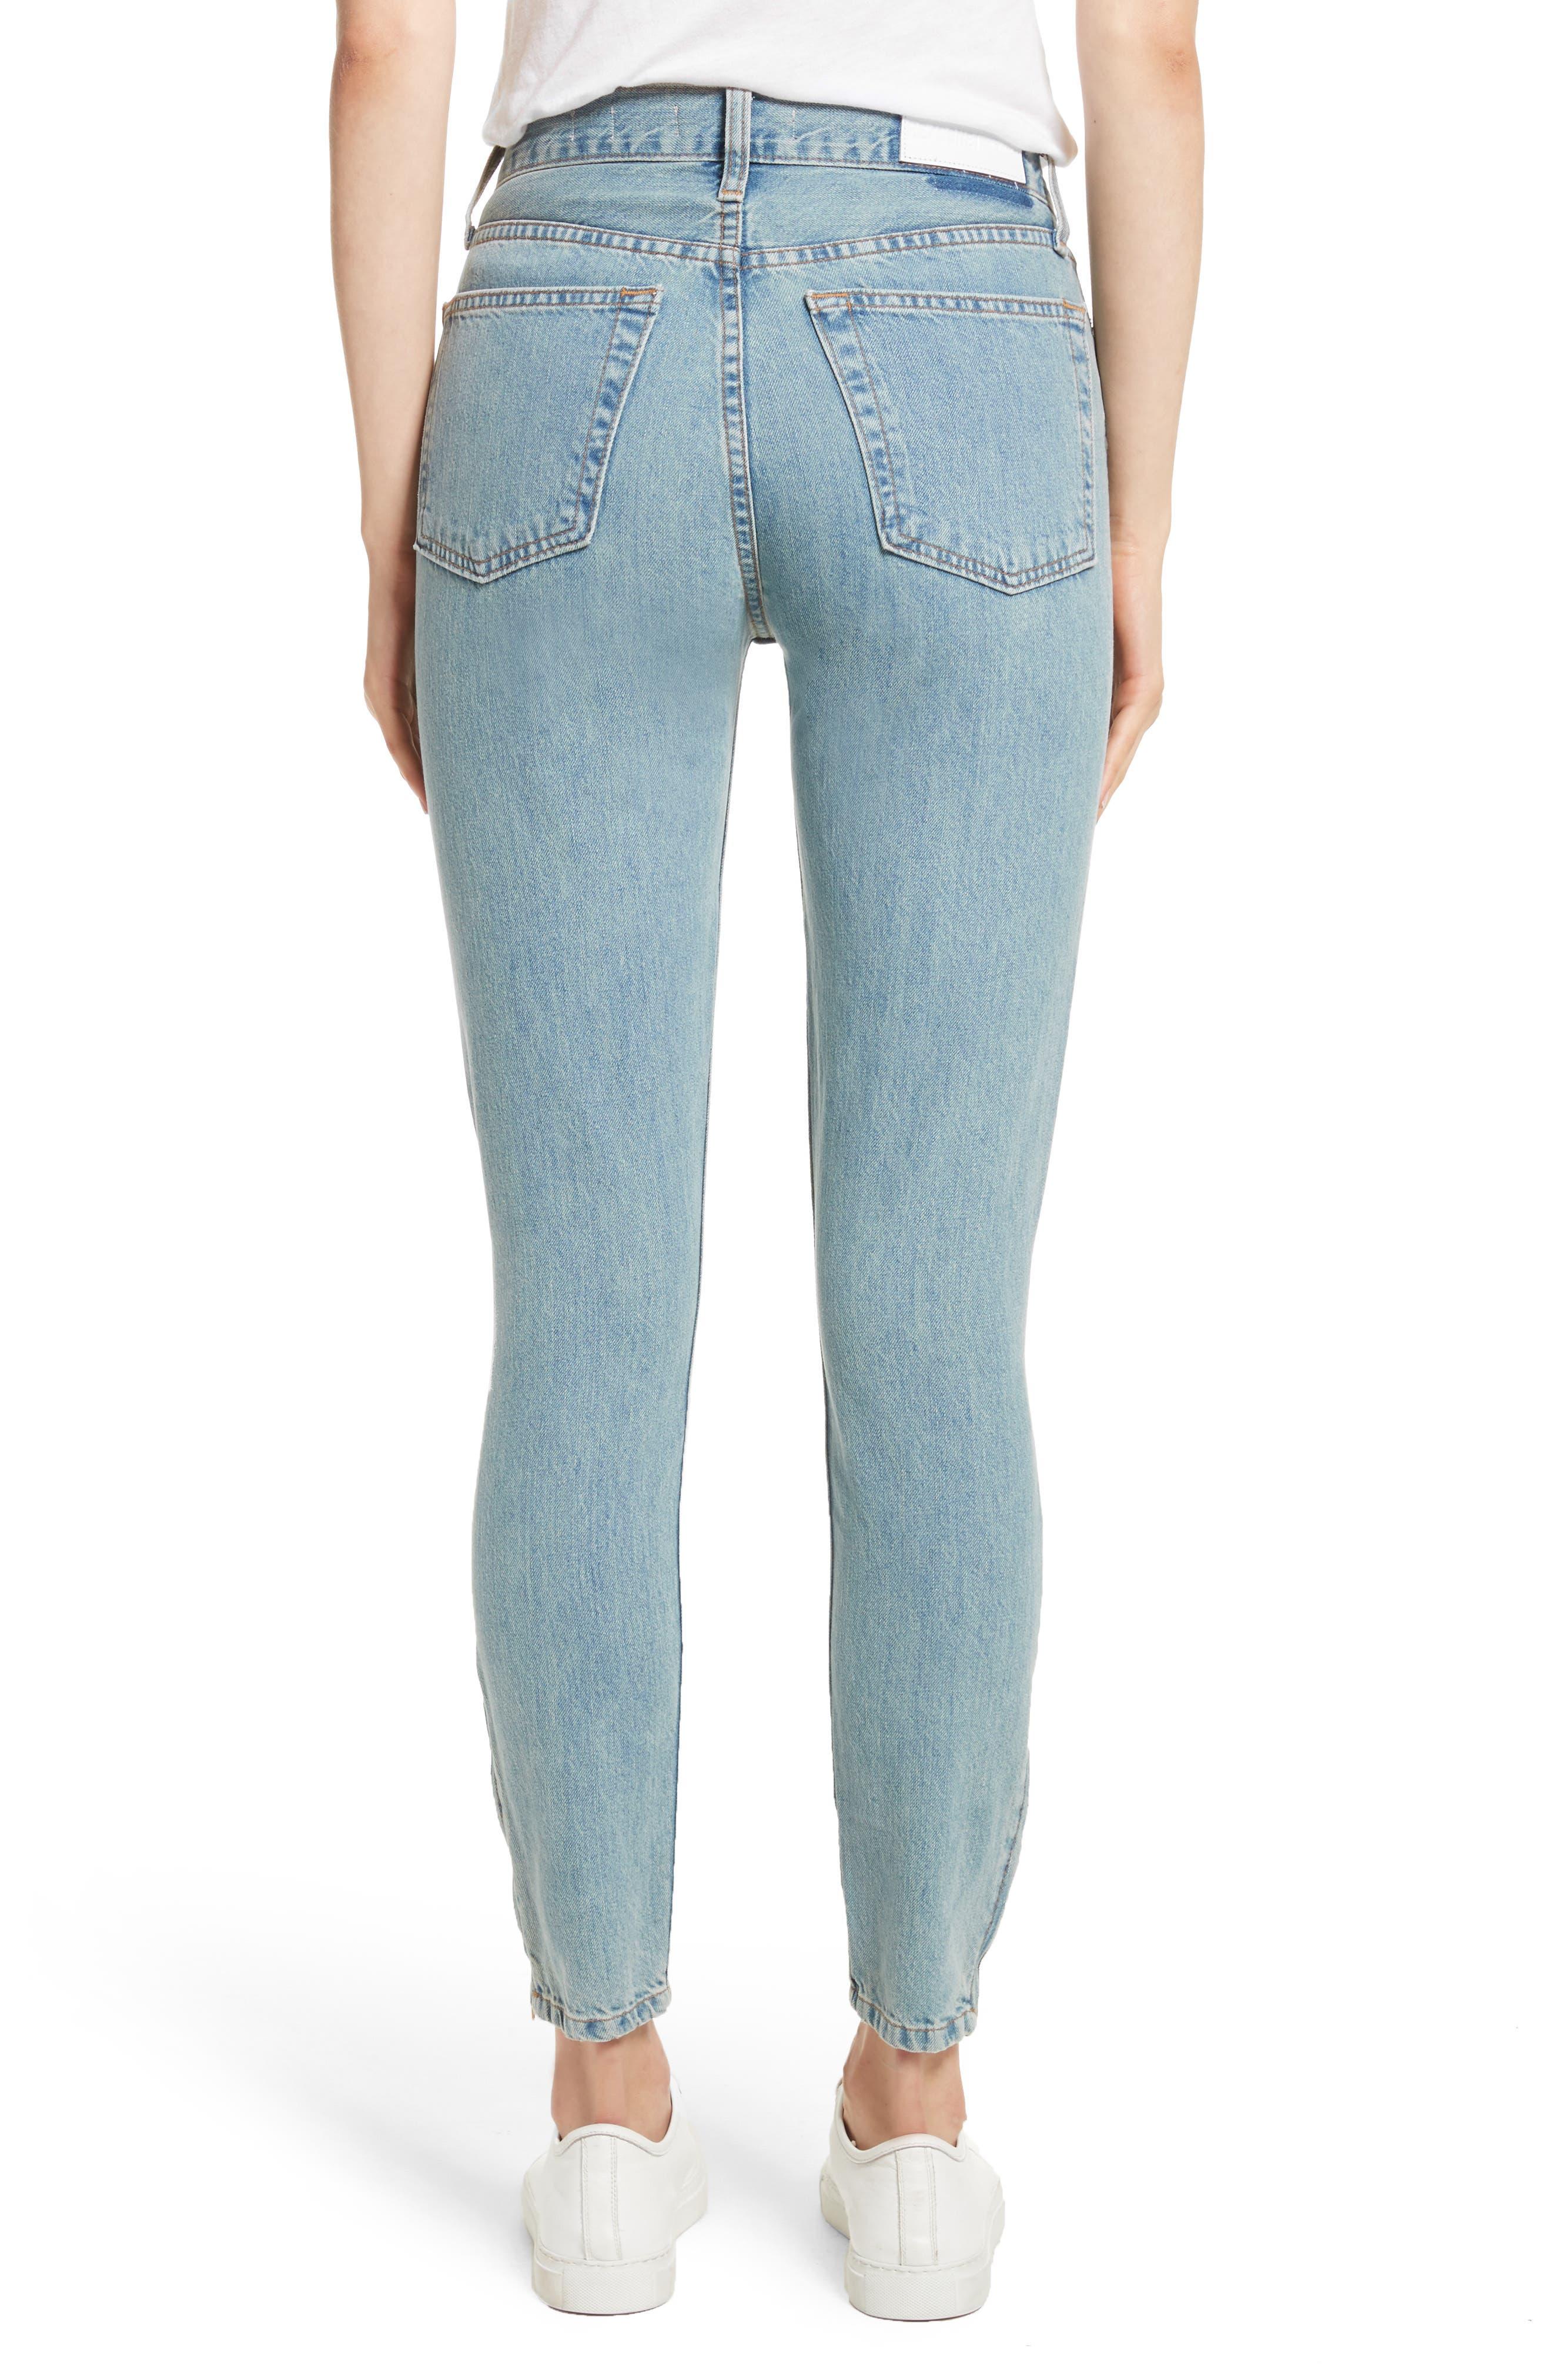 Originals High Waist Ankle Zip Jeans,                             Alternate thumbnail 2, color,                             90S